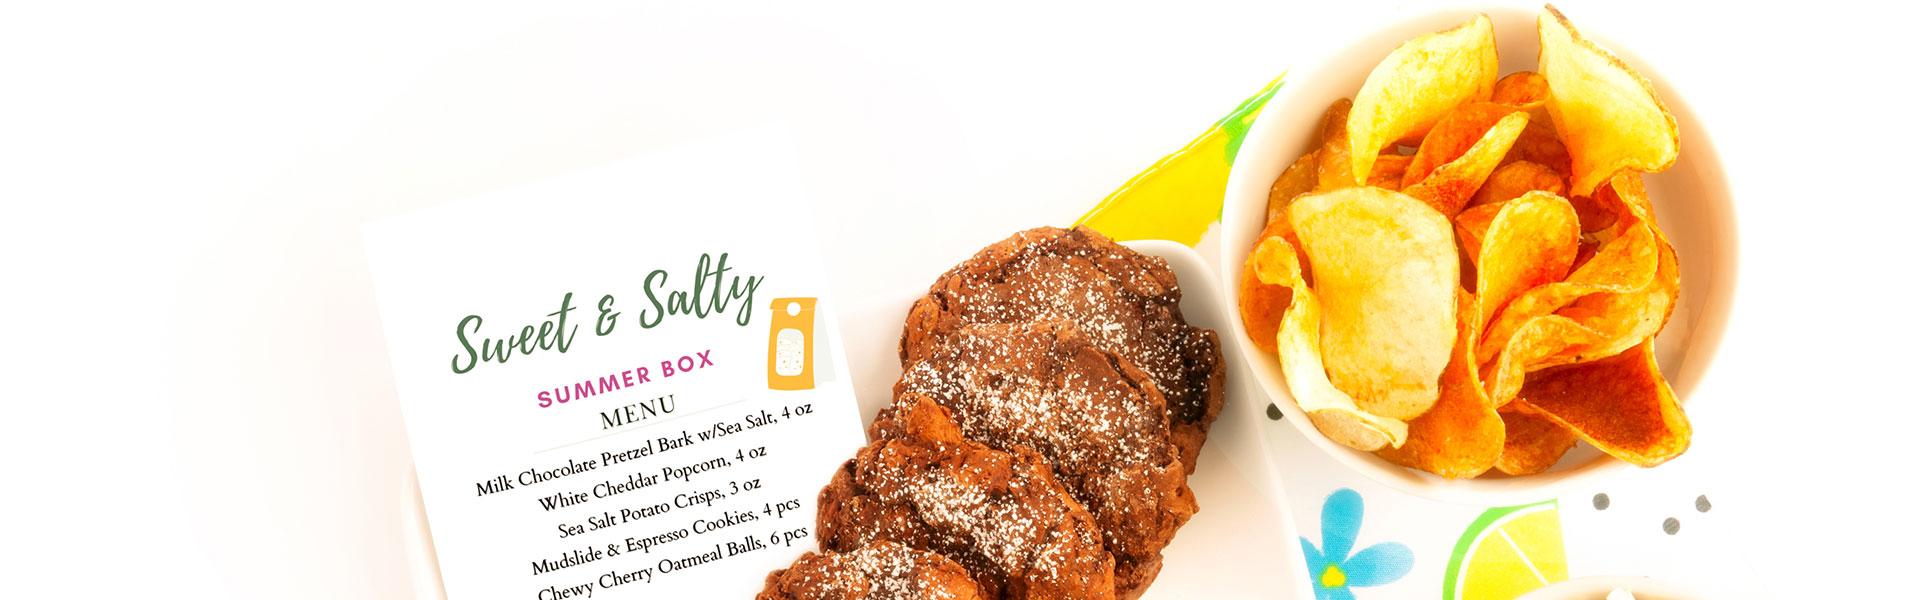 summer giftbox sweet & salty